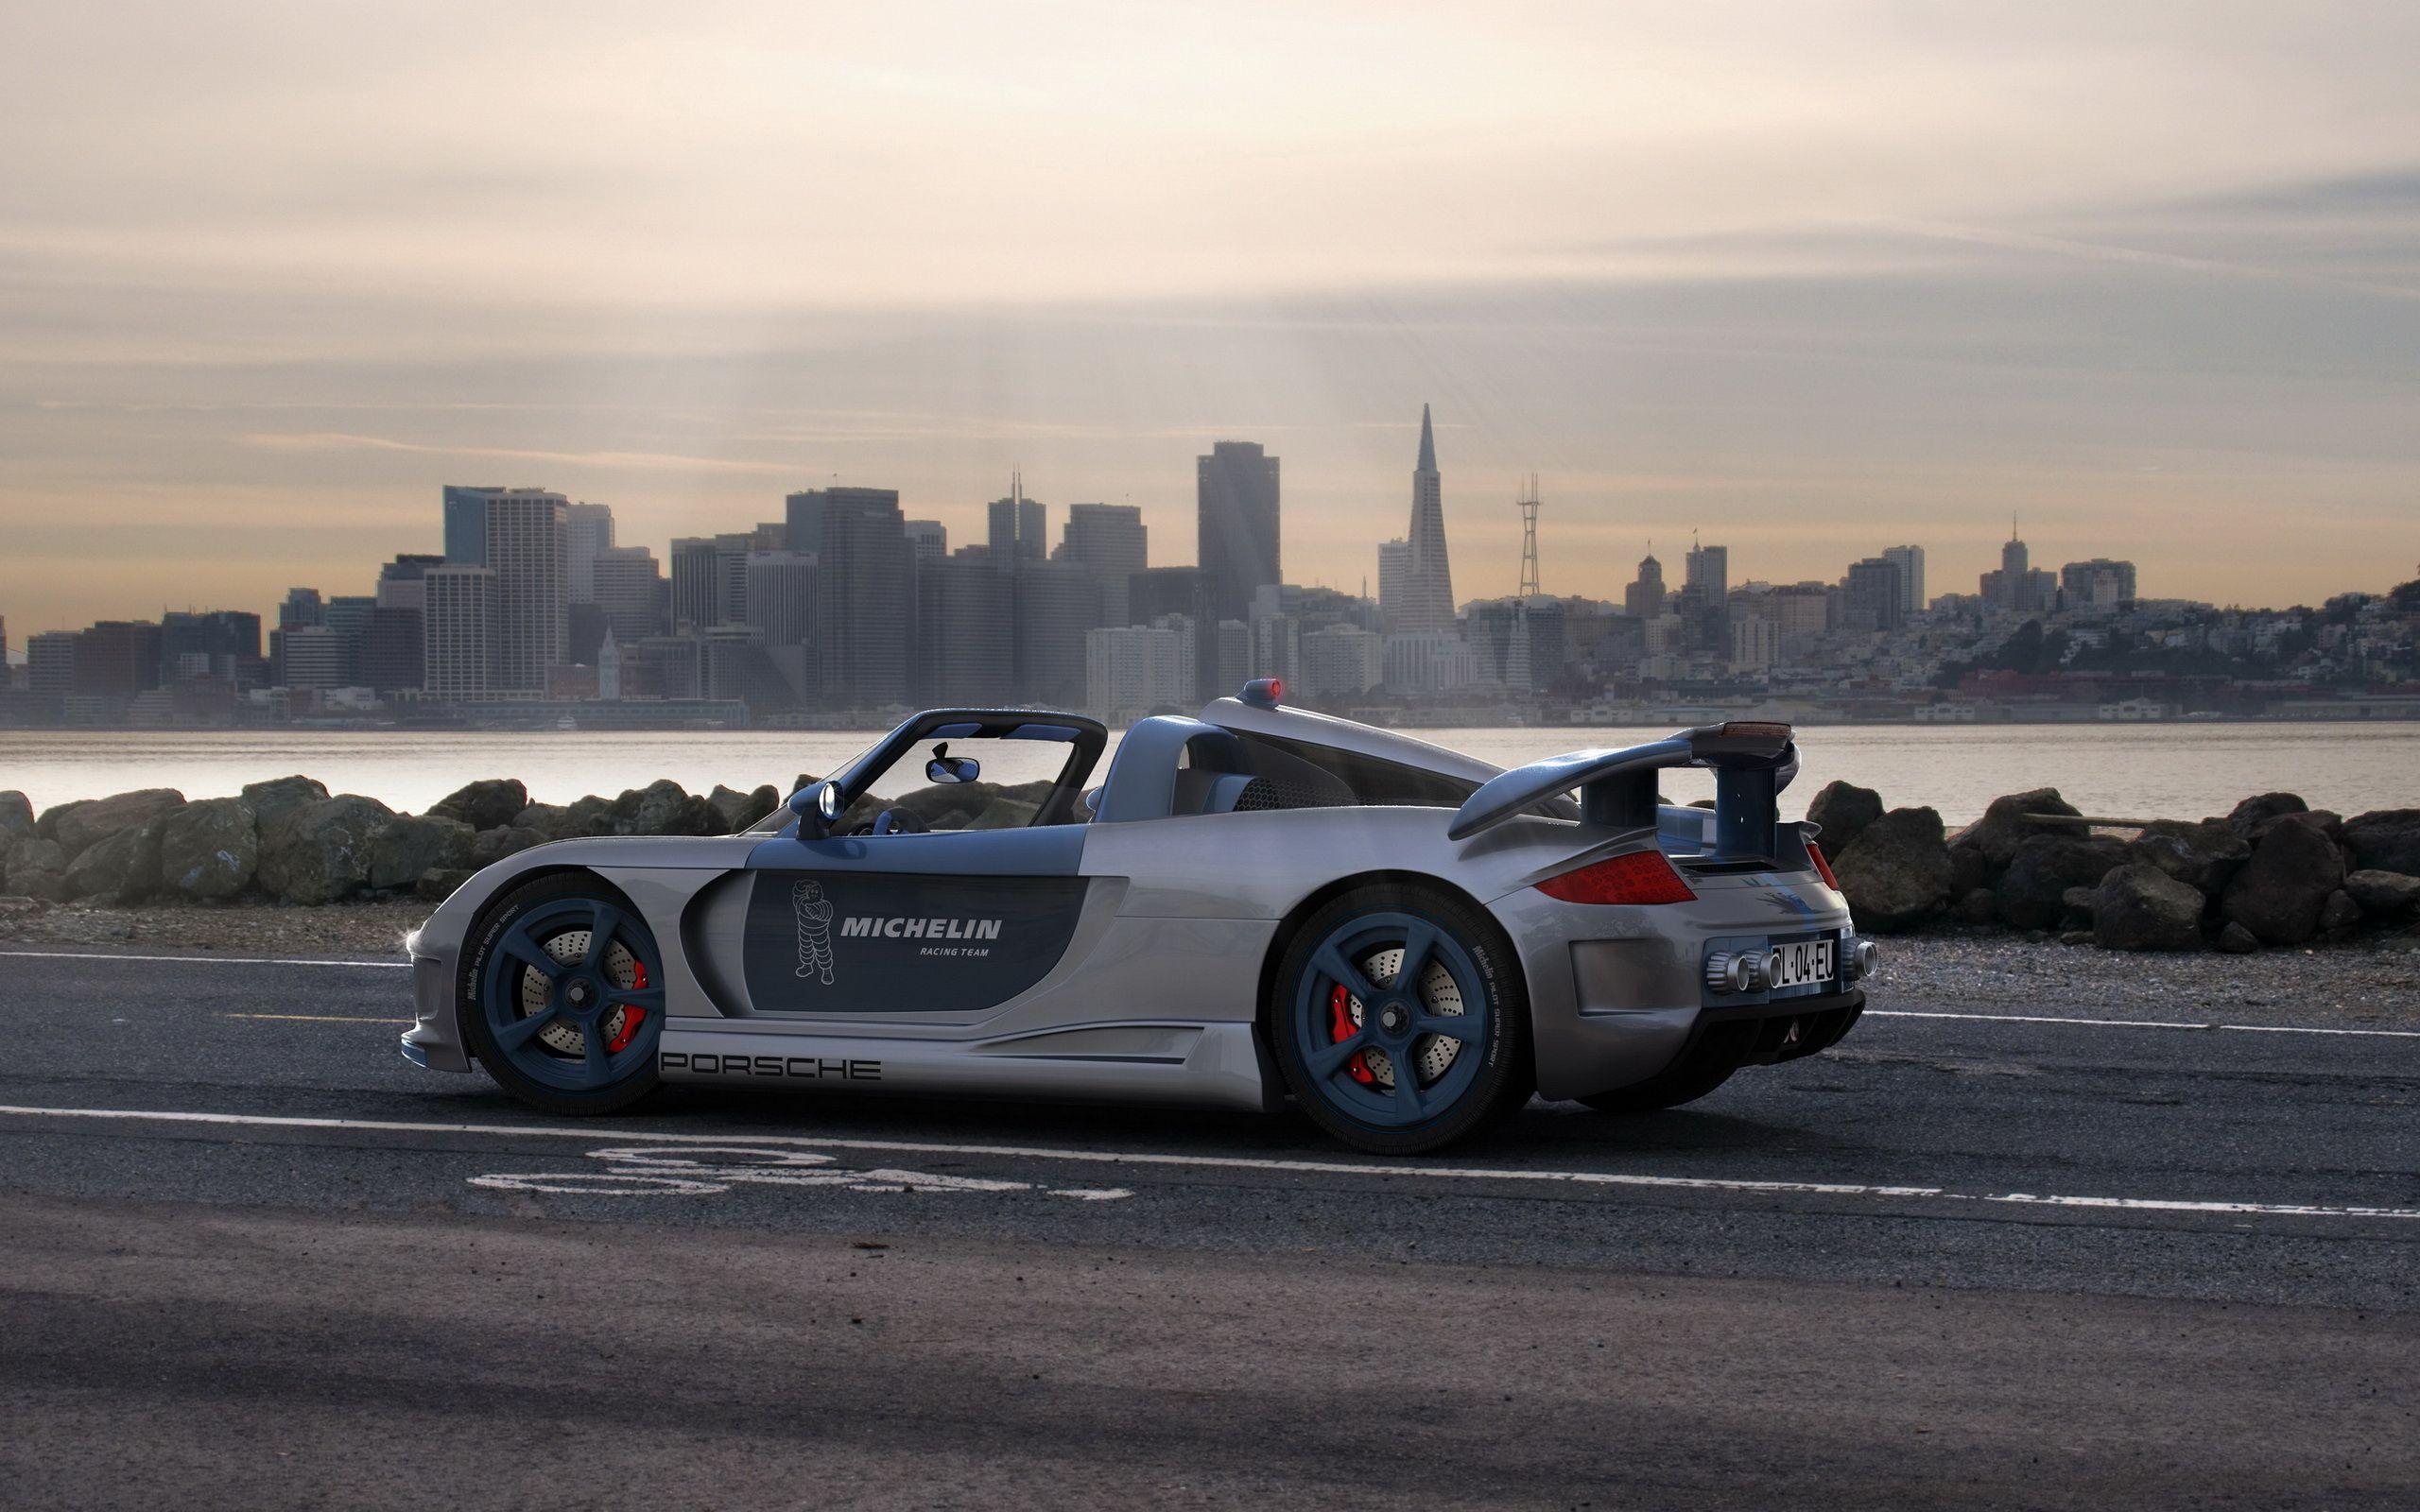 4k Porche Carrera Gt Wallpaper: Porsche Carrera GT Wallpapers